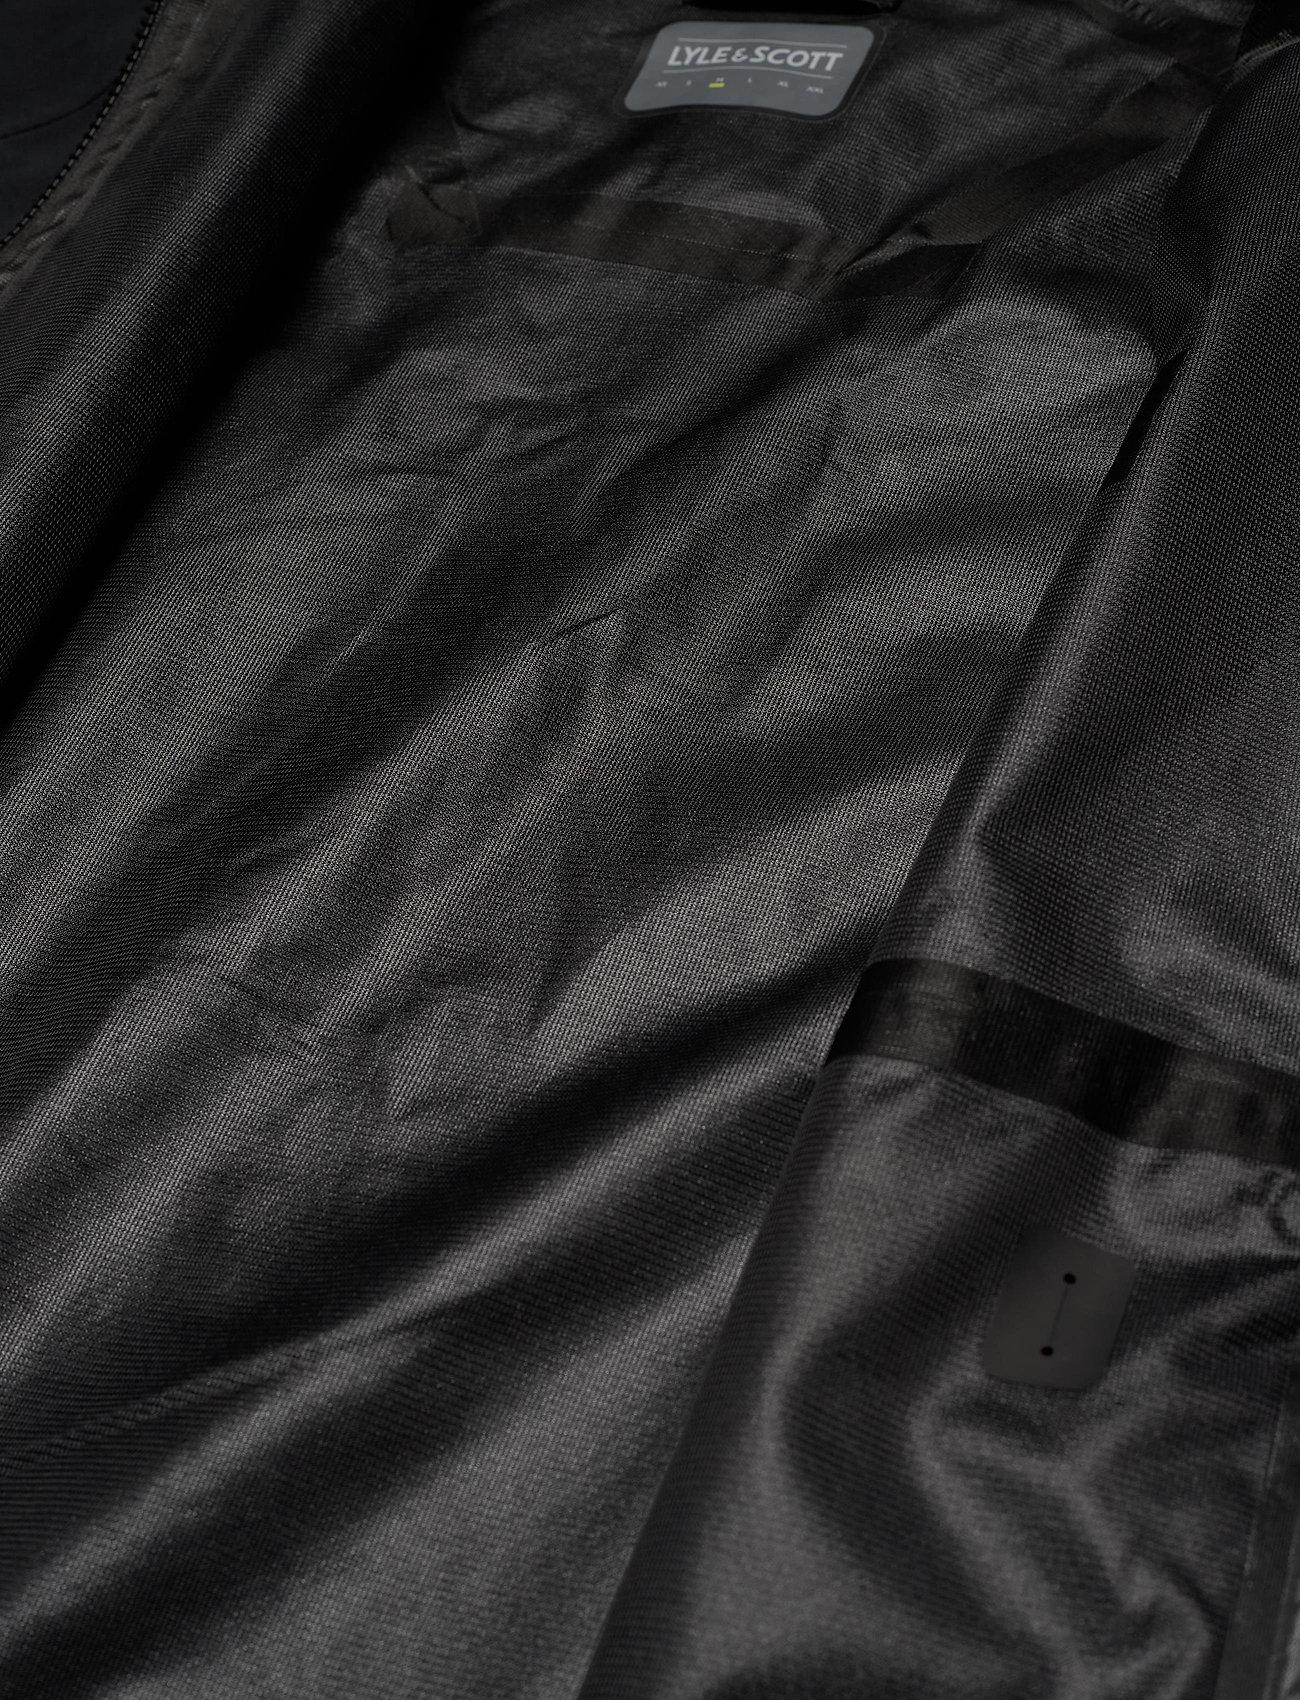 Lyle & Scott Sport Storm Jacket - Jakker og frakker TRUE BLACK - Menn Klær